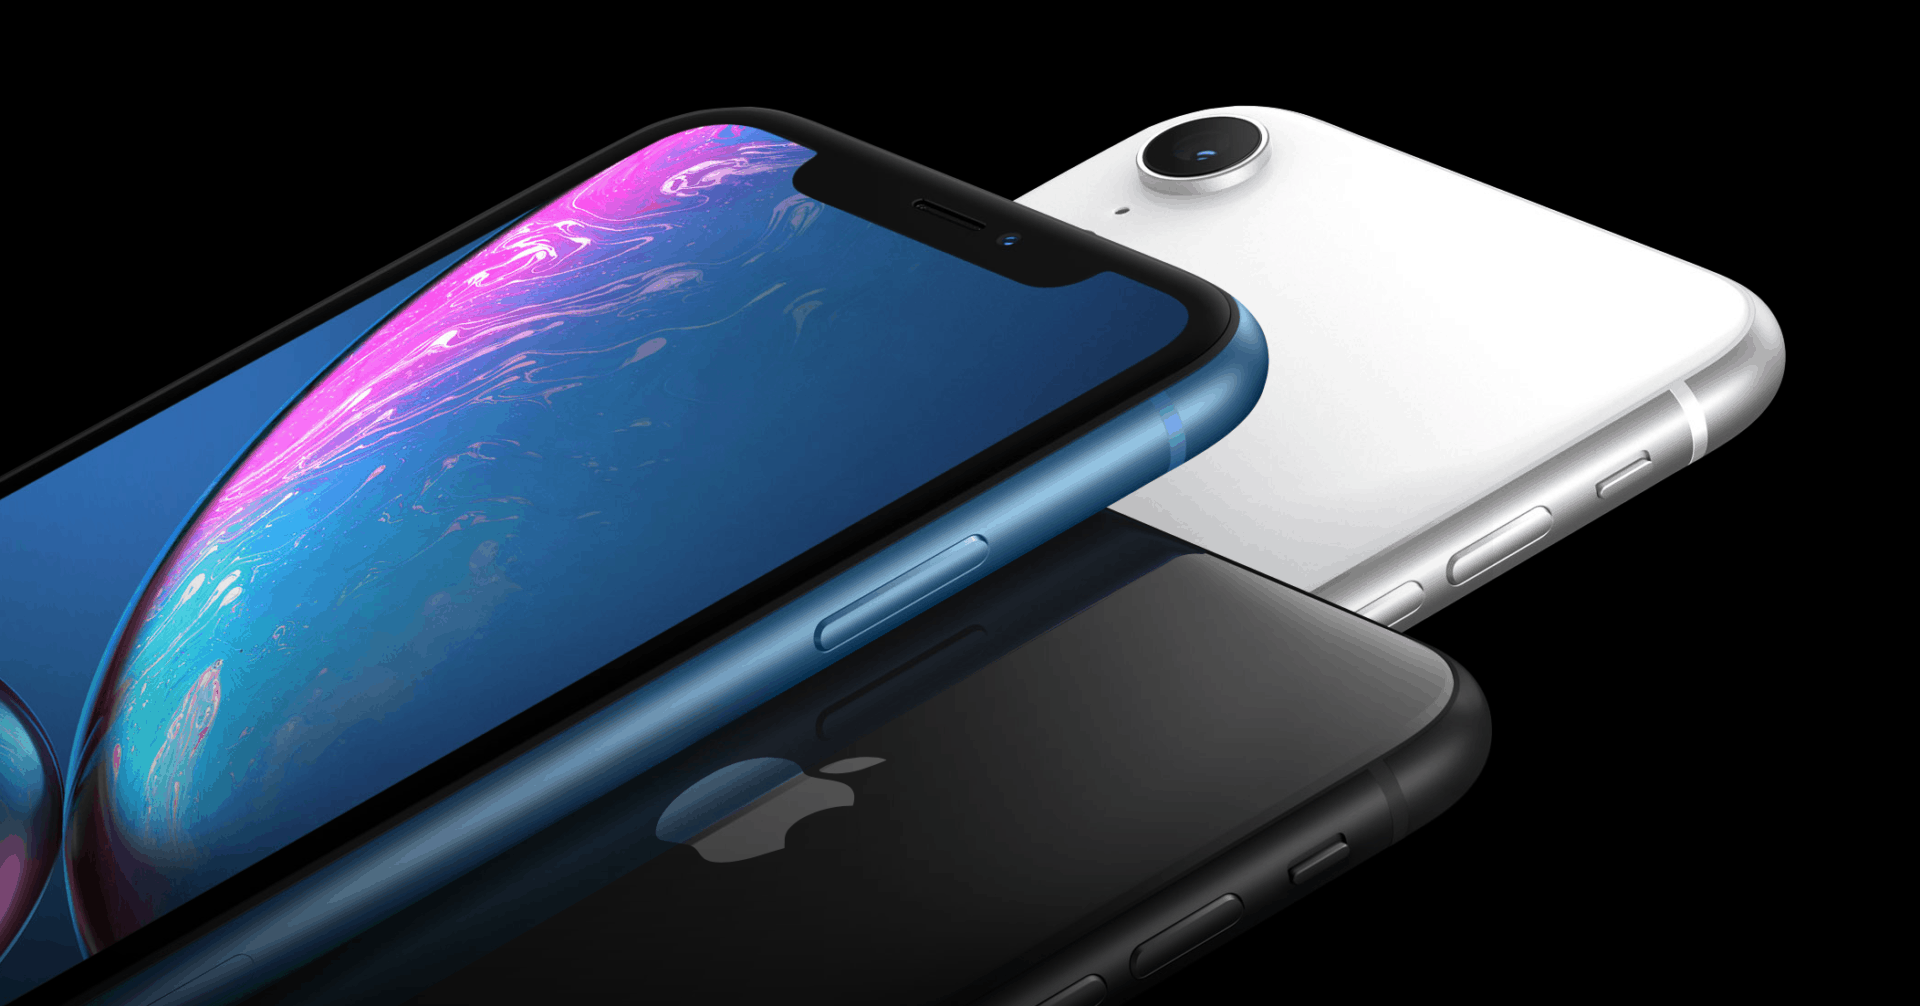 iPhone 9 (Xr): levnější model s IPS displejem